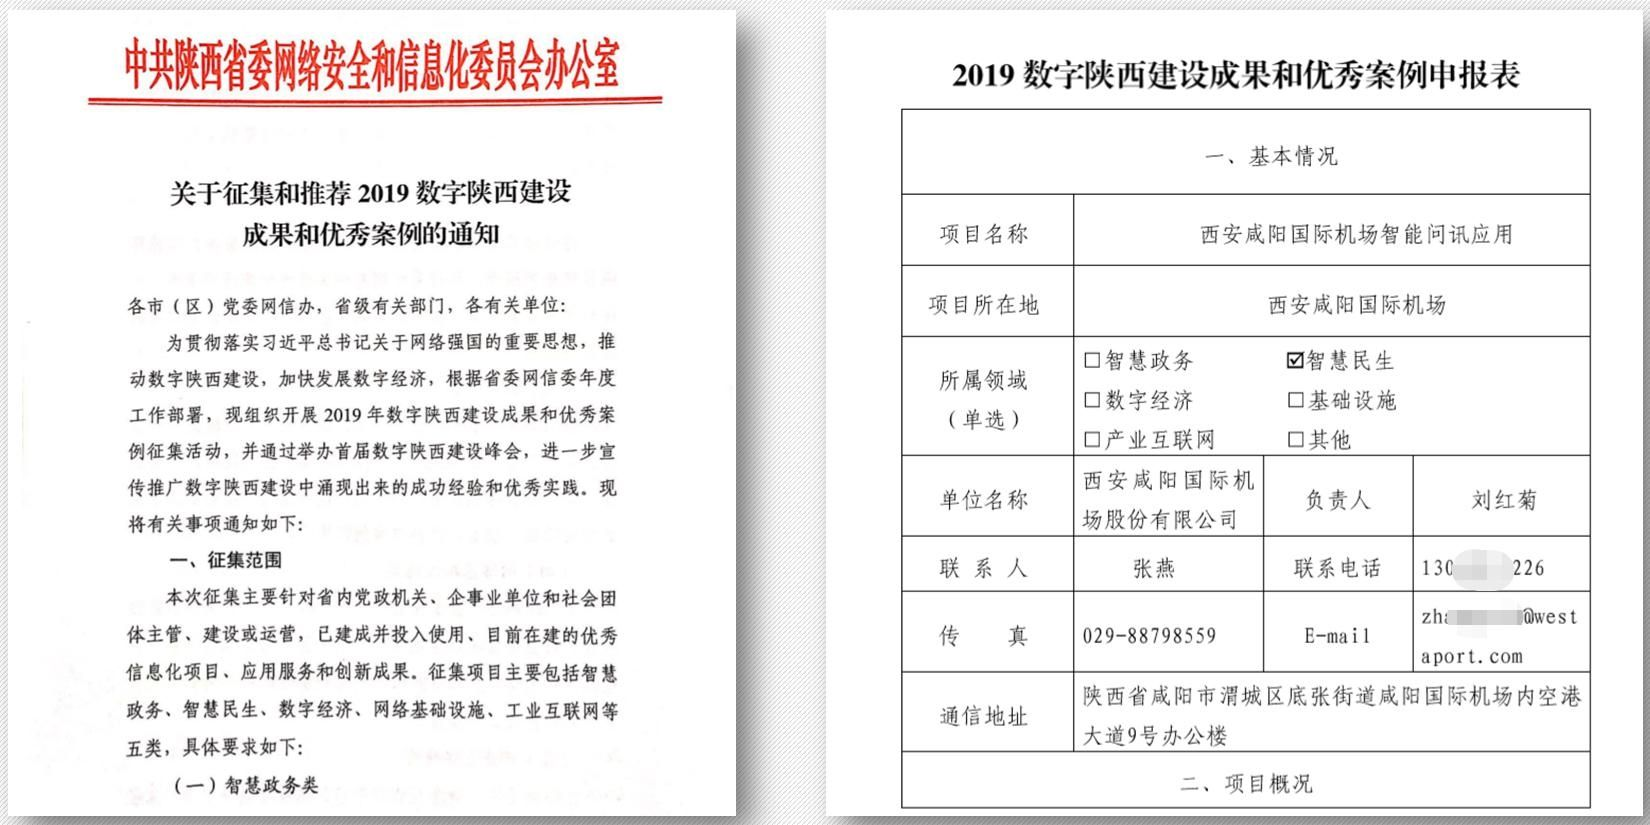 西安机场智能问讯应用入选陕西省委网信办组织的数字陕西优秀成果。